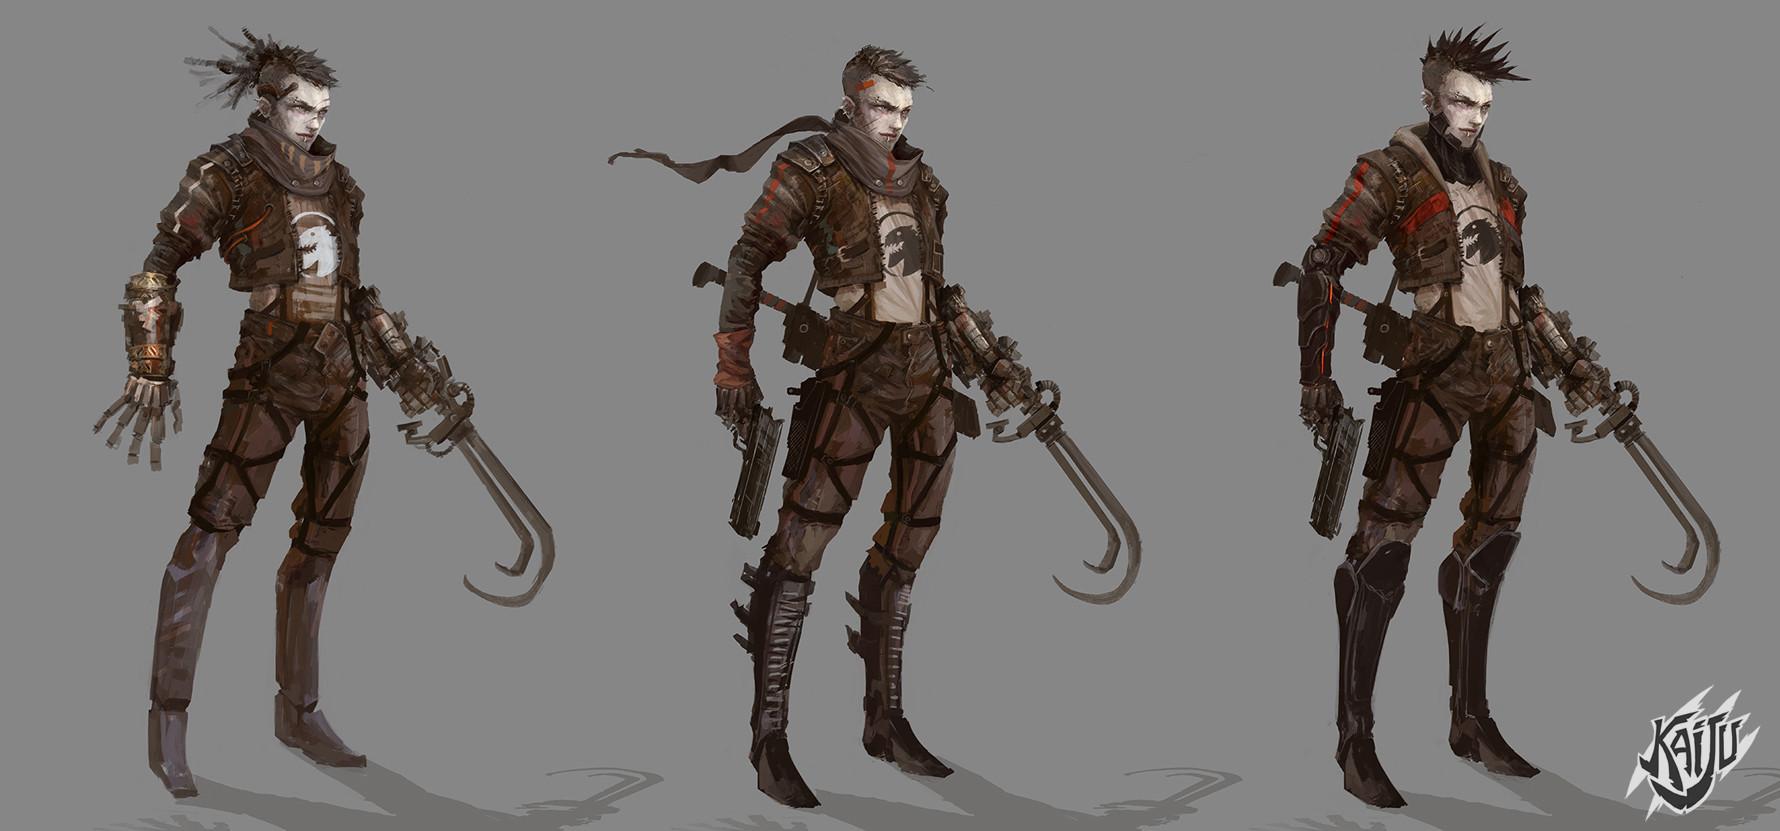 Alexandre chaudret kaijus character hero02 viewer